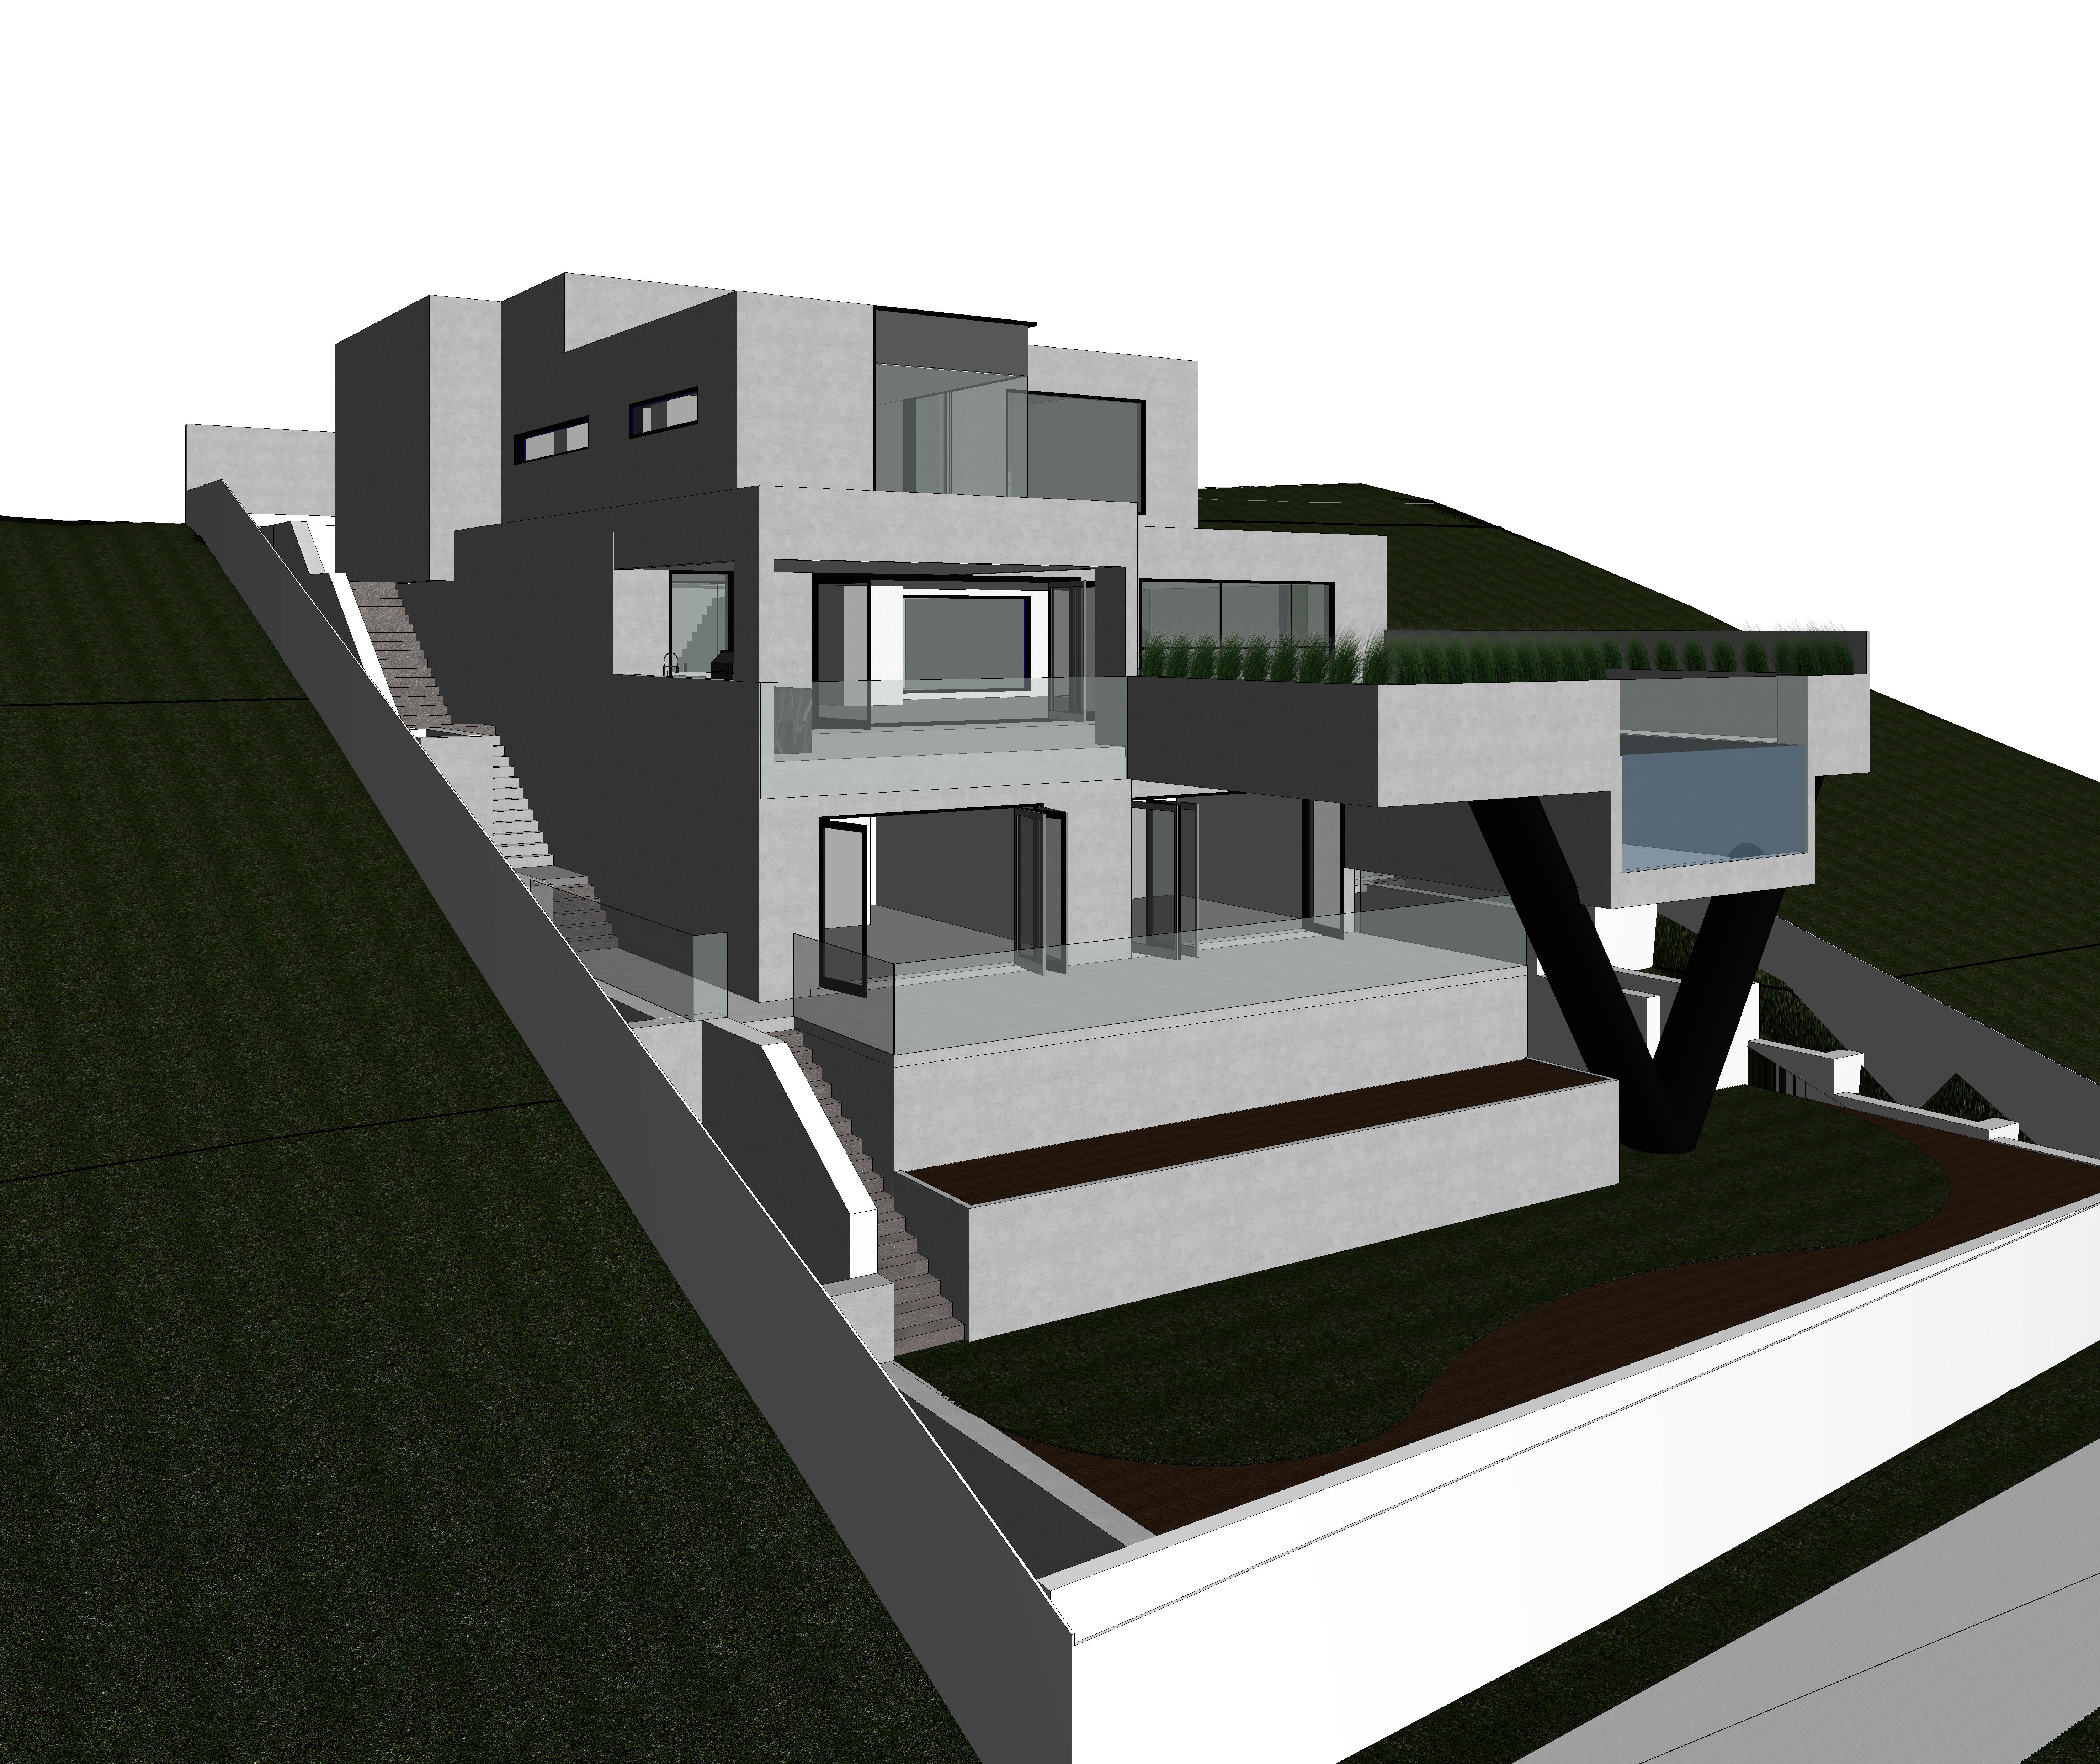 190915   38 Riverbend Way, Sunshine North   DD3D   Rev C   3D View   3D View 1